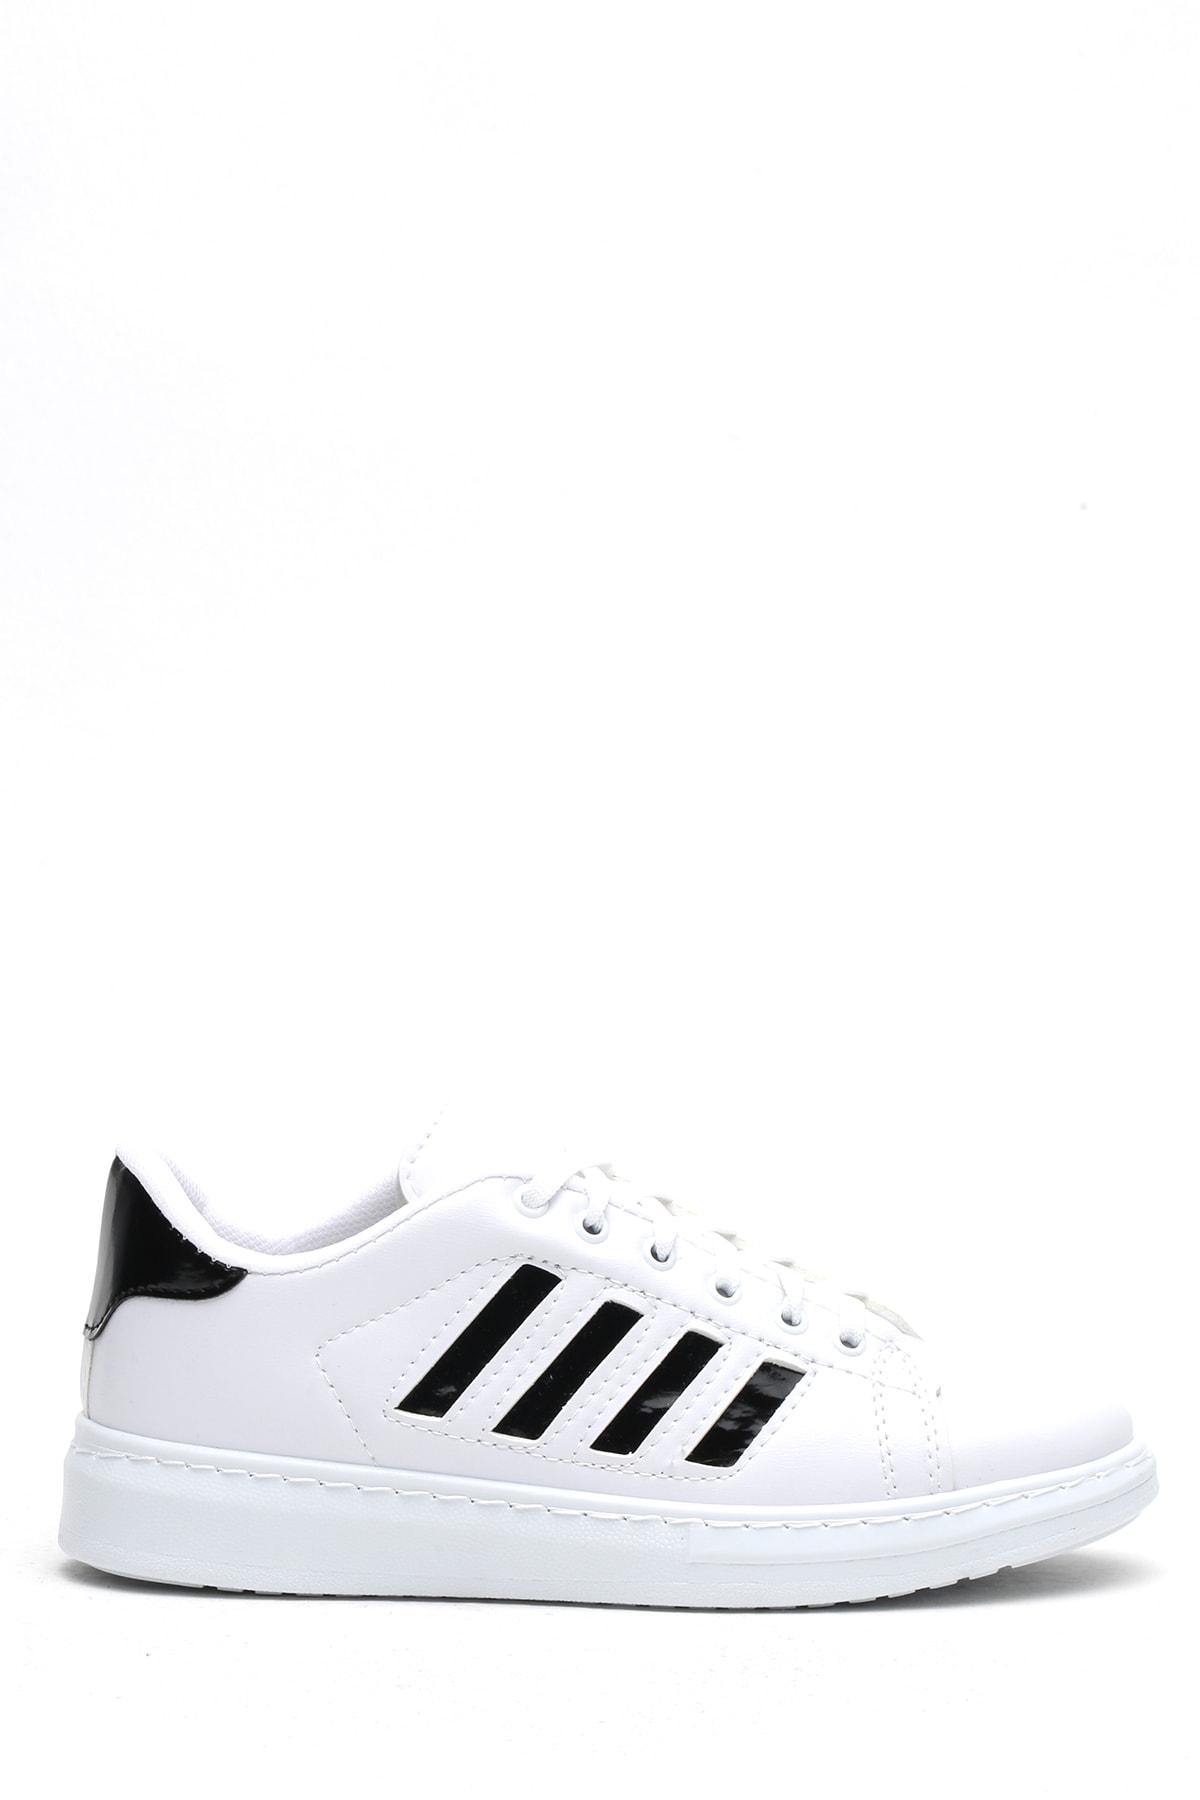 Ayakkabı Modası Beyaz-Siyah Kadın Sneaker 4000-19-101002 4